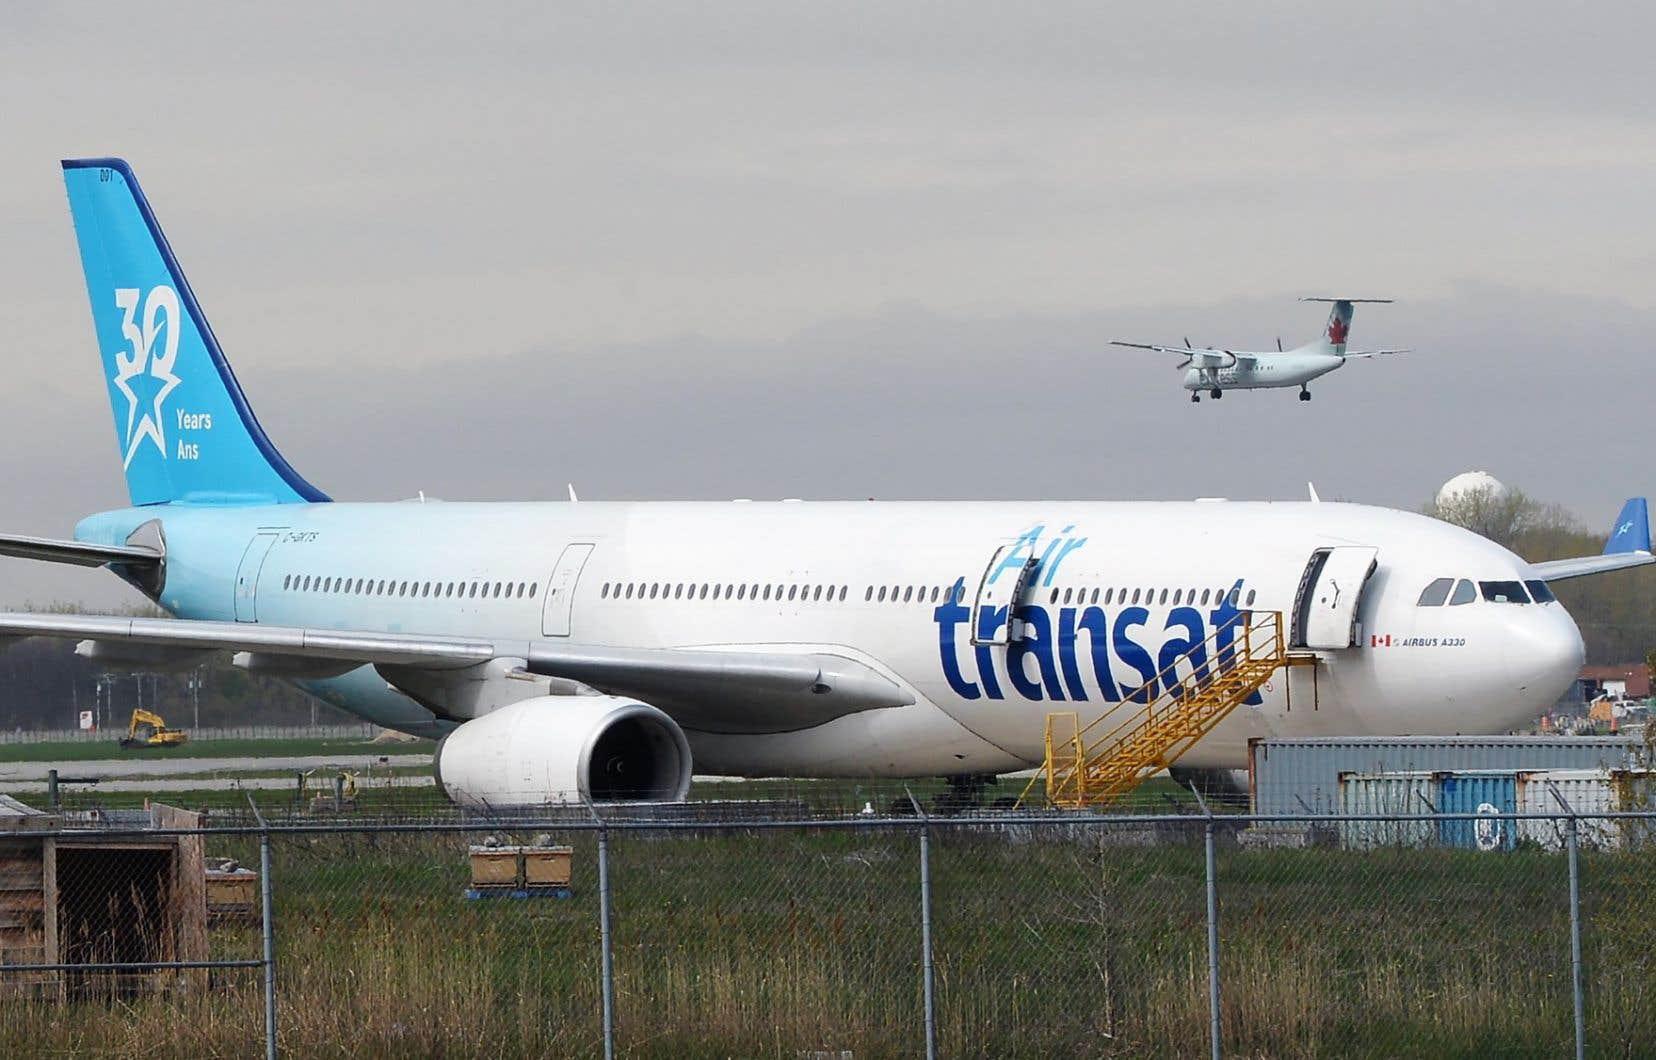 Air Transat défend sa décision. Dans un courriel envoyé au «Devoir», la compagnie aérienne indique qu'un médecin à bord a confirmé la toux et la fièvre de l'enfant.